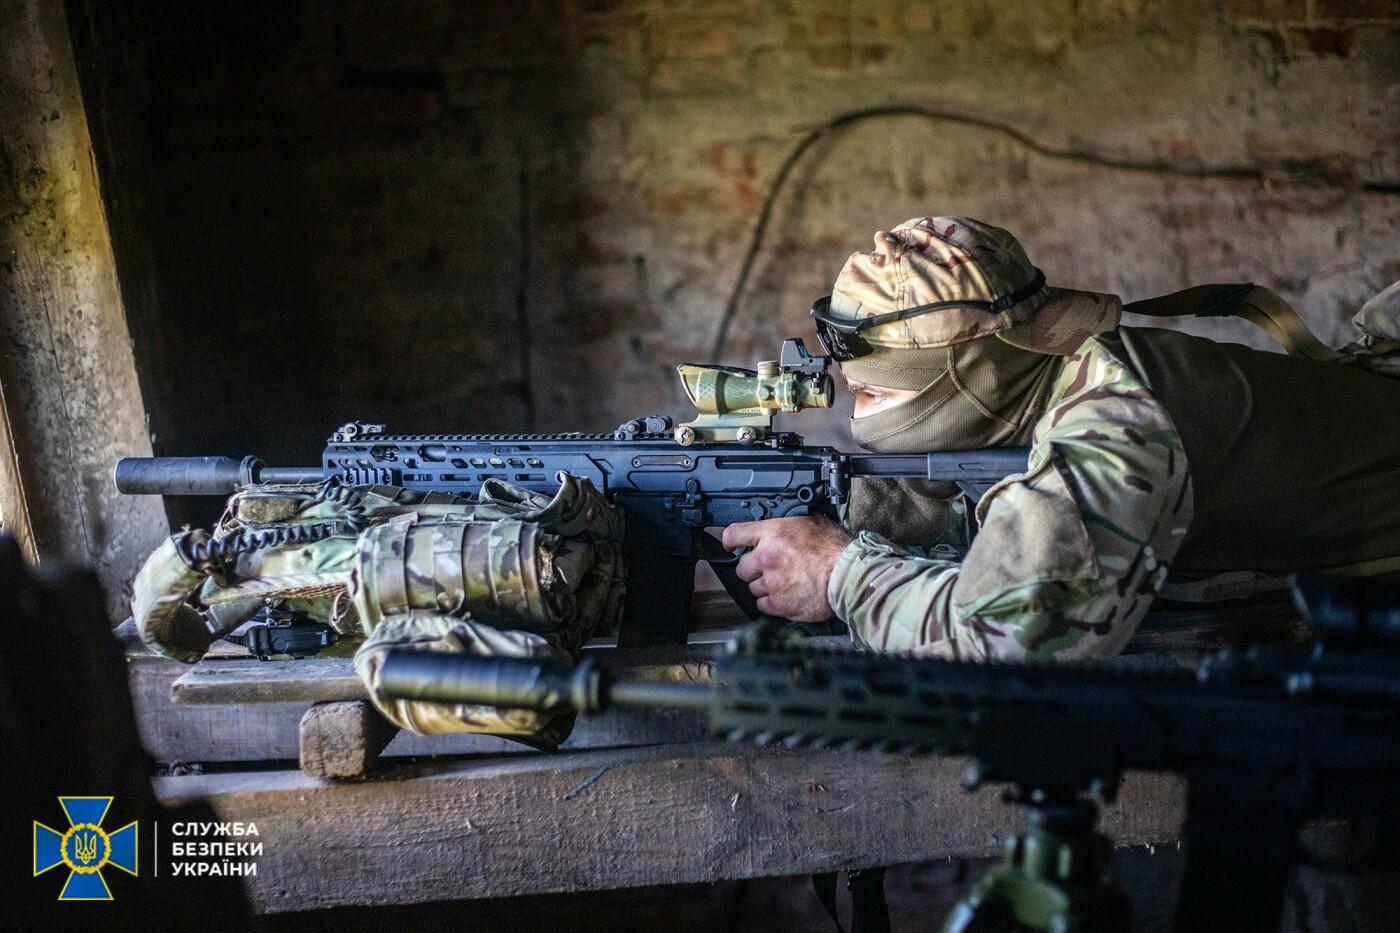 Украинские спецслужбы провели учения вблизи линии разграничения на Донбассе, - ФОТО, фото-6